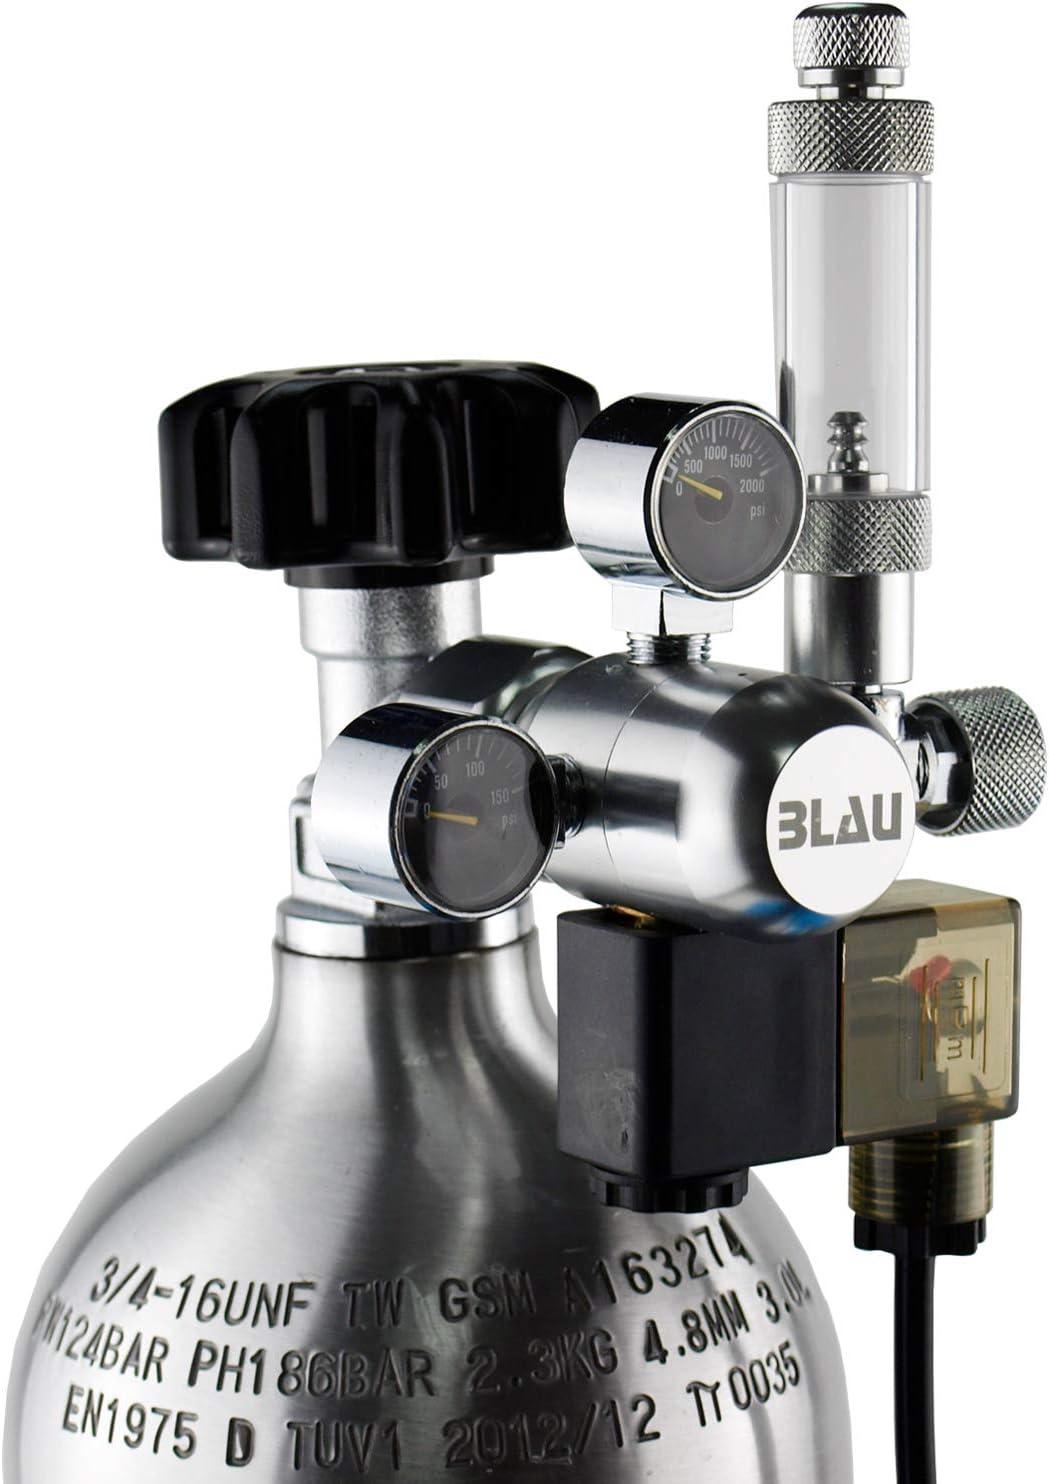 Blau Aquaristic Regulador Compacto con Válvula Solenoide Y Contador De Burbujas